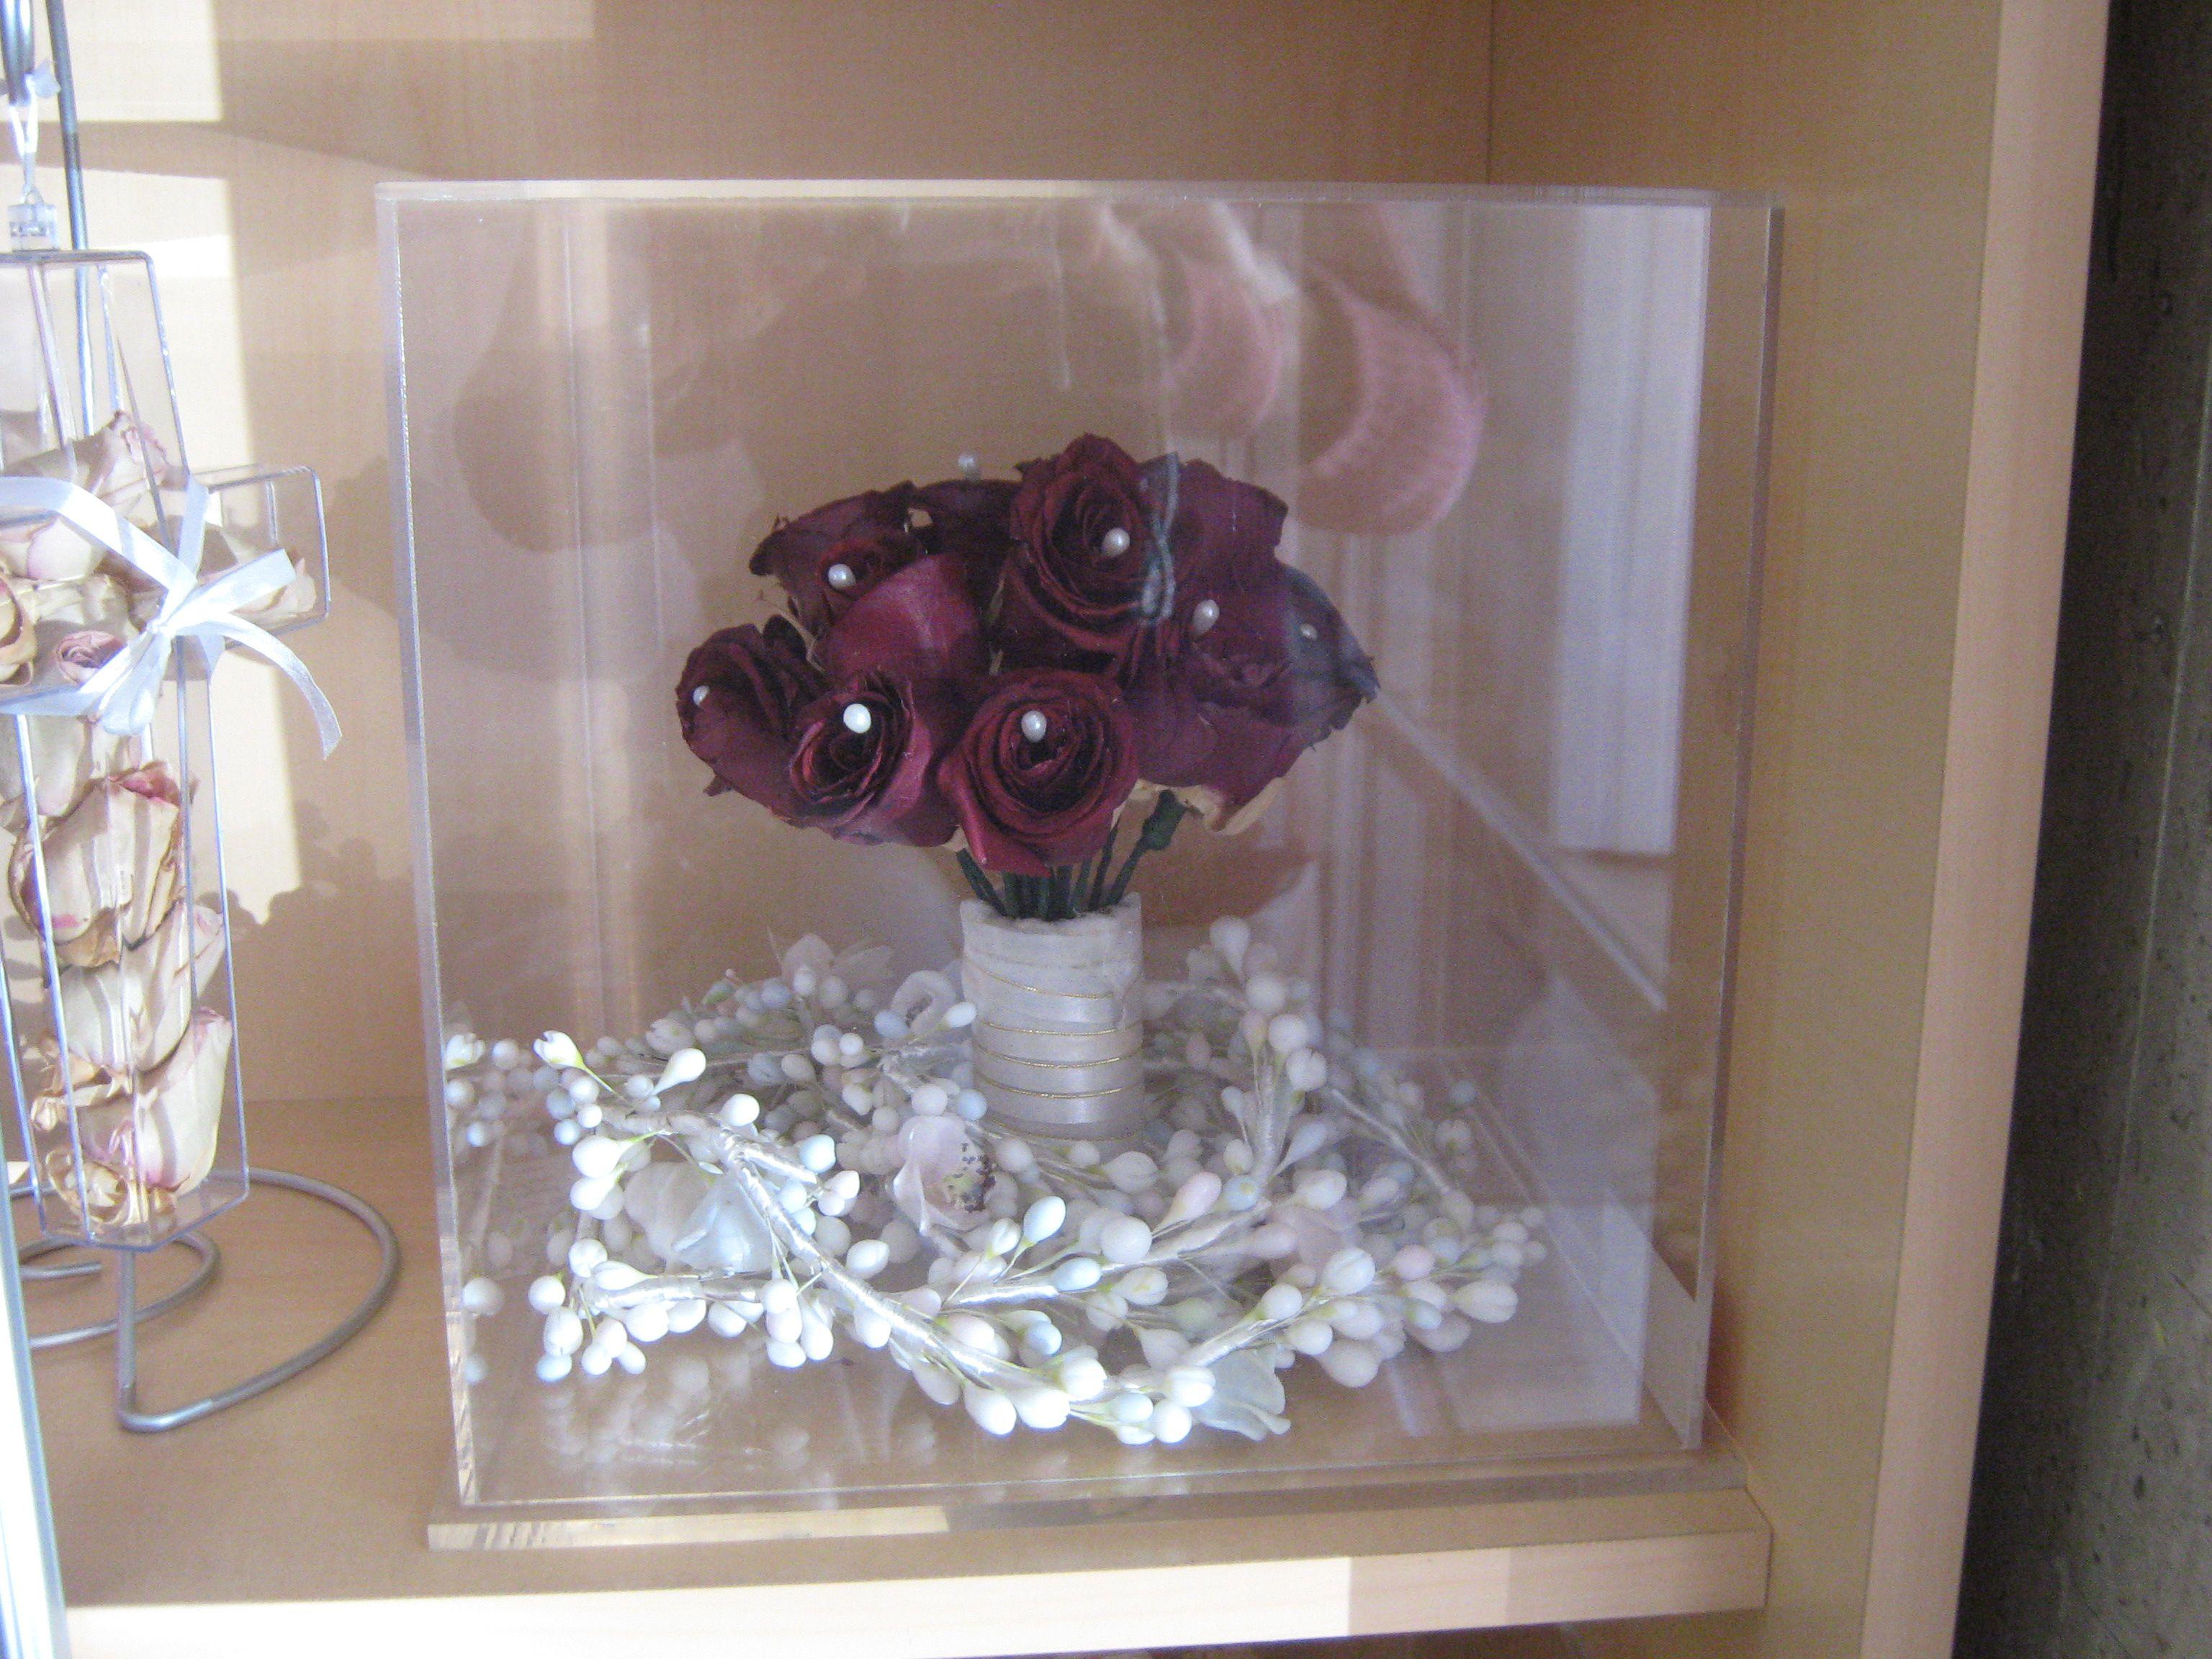 La Novia decido preservar junto con su ramo de rosas rojas, su lazo ...